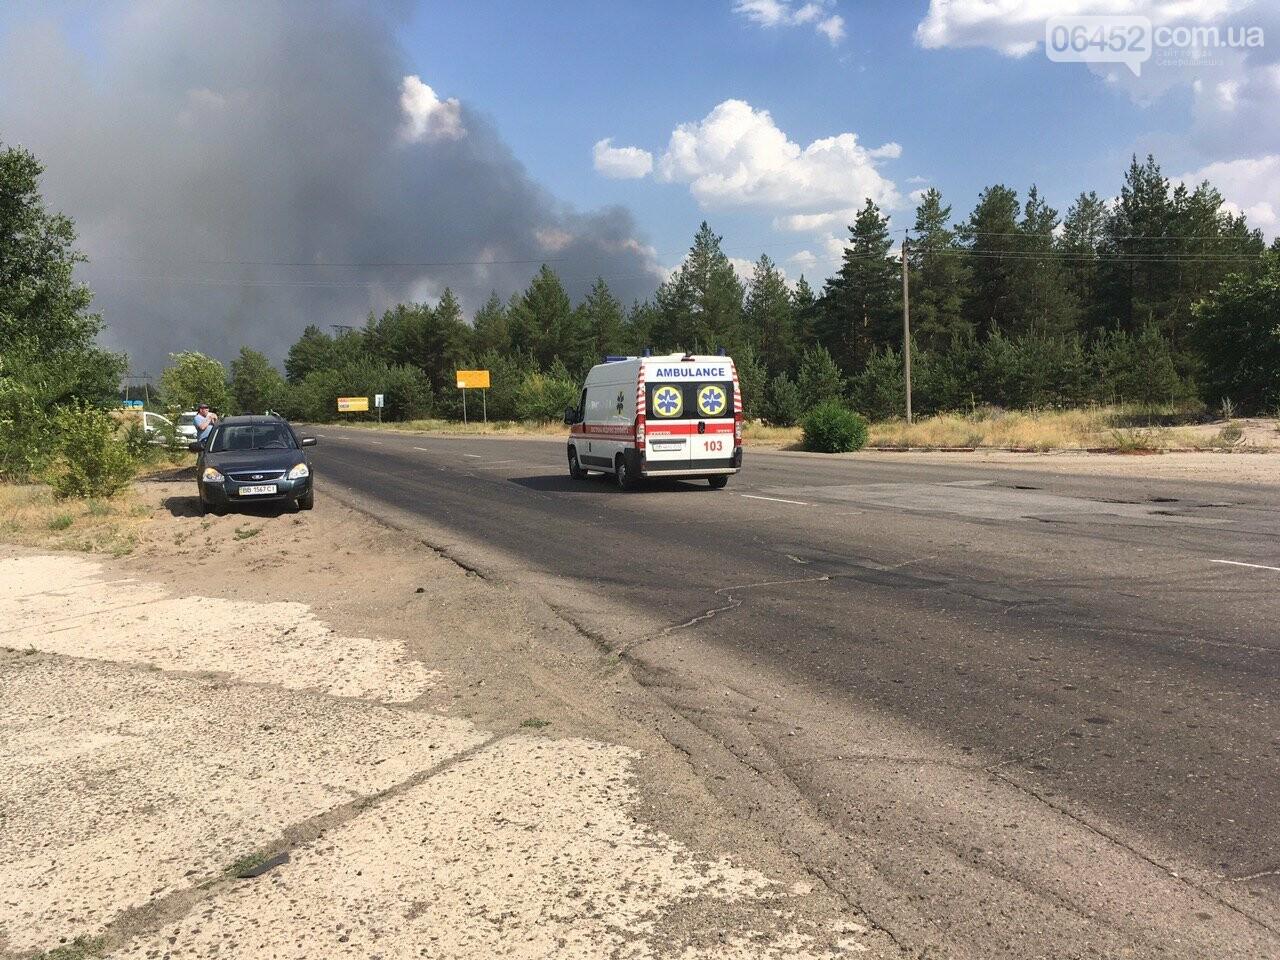 Масштабный пожар в Новоайдарском районе продолжает разрастаться (фото, видео), фото-3